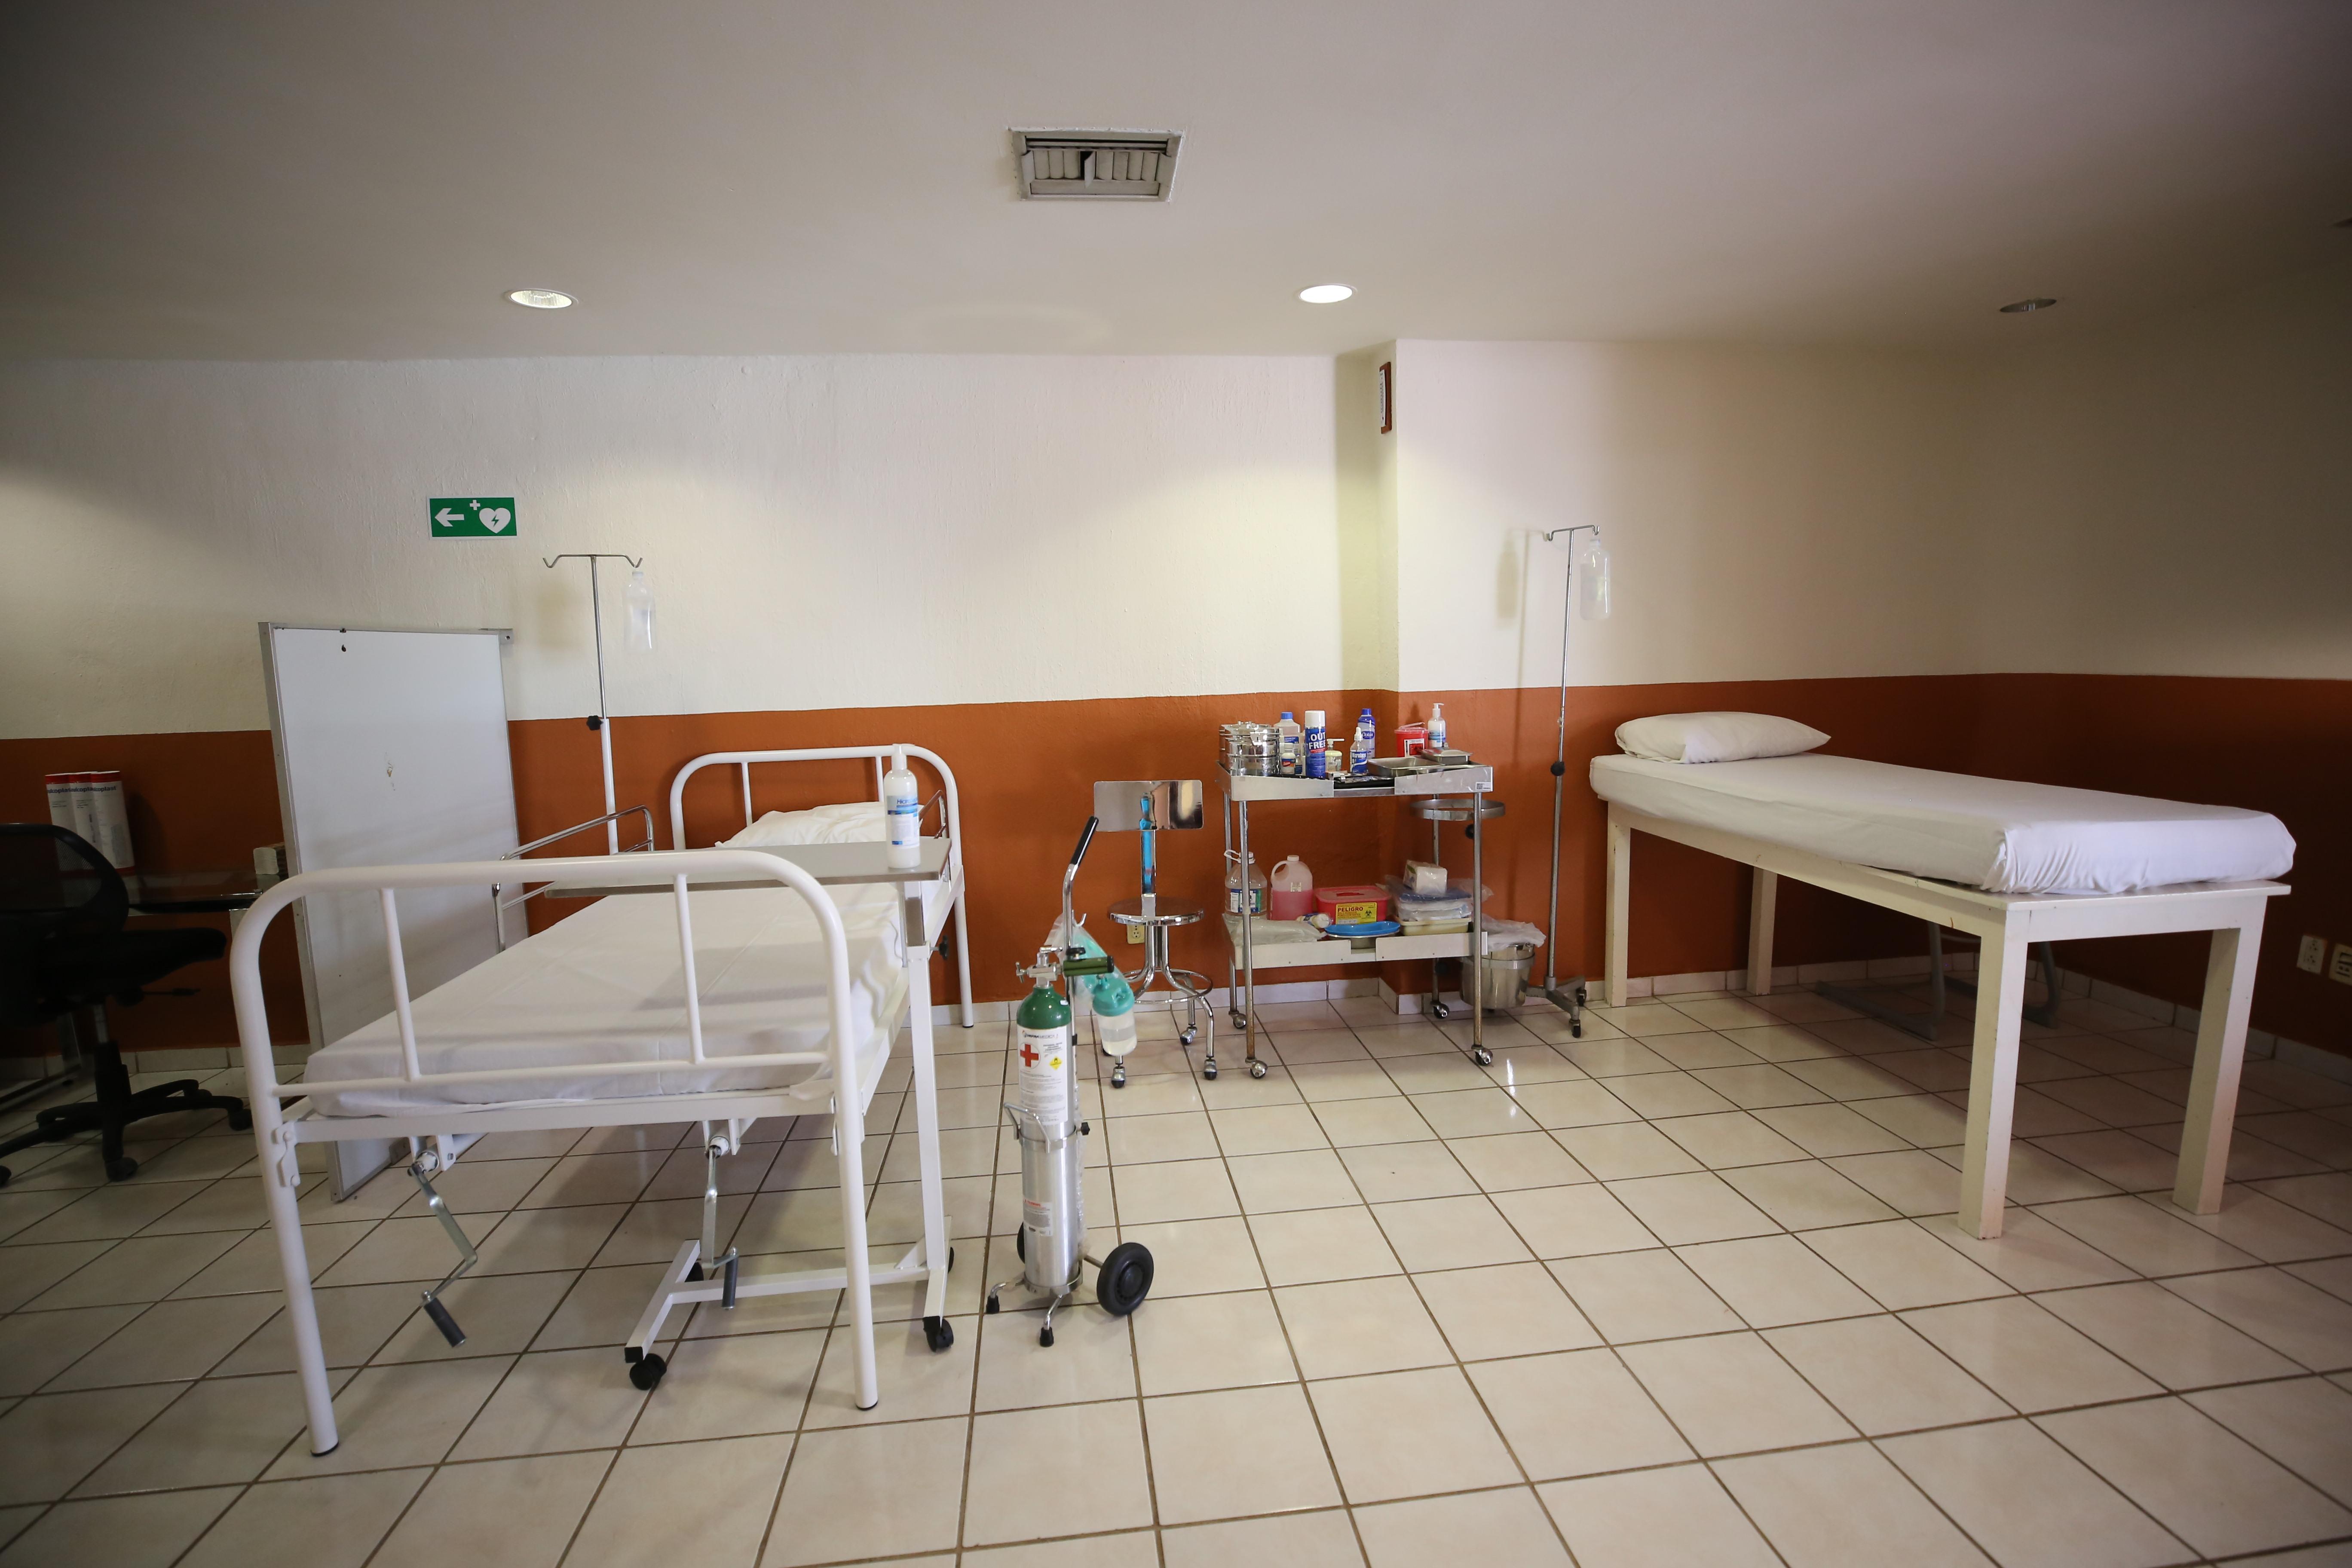 Habilitación de espacios con camas de hospital y oxígeno